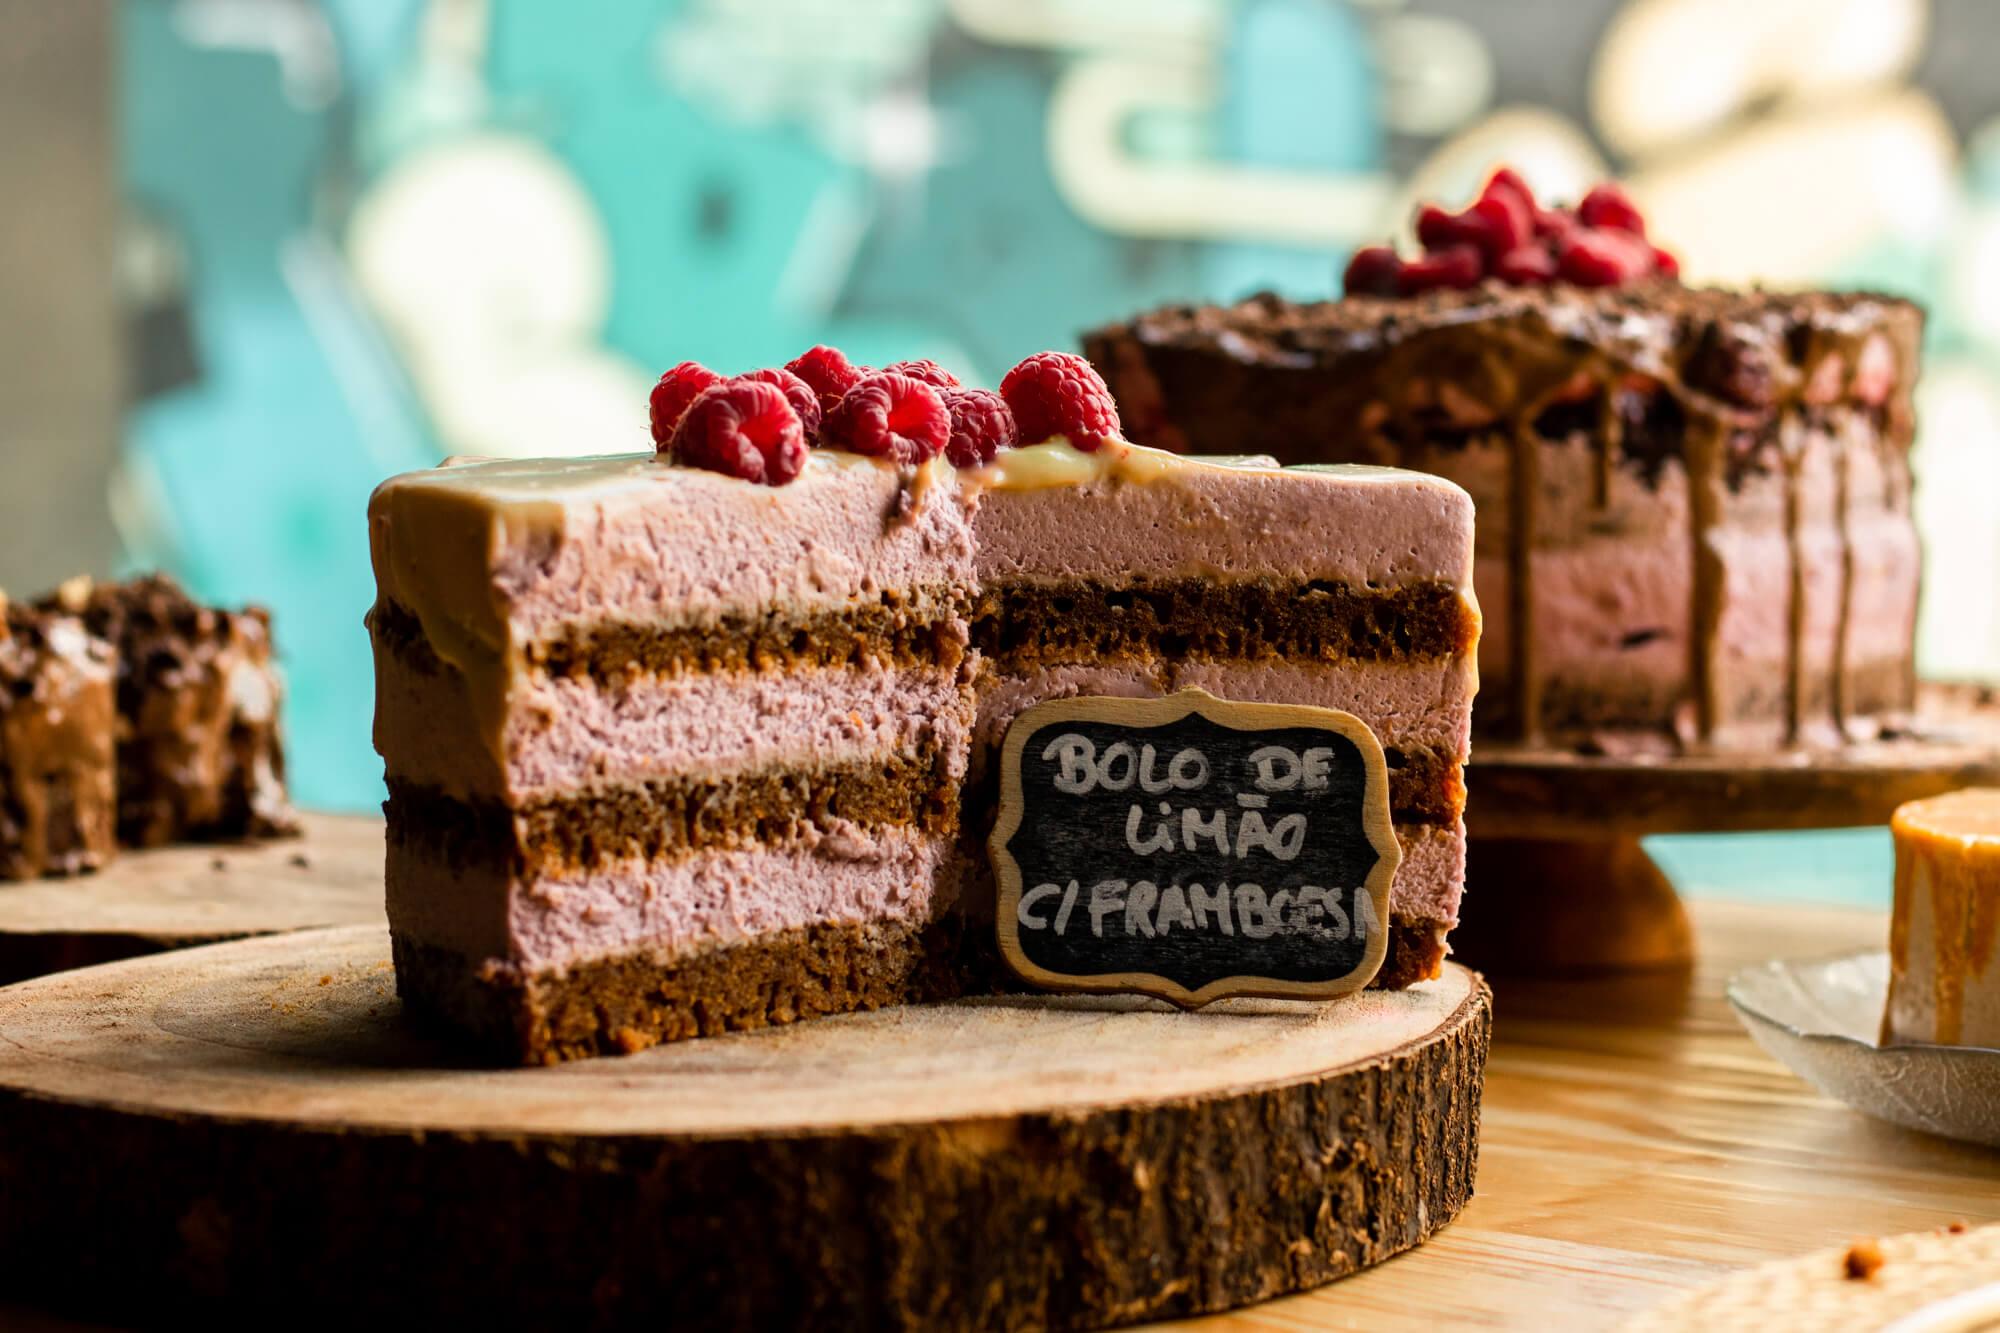 Vegan cakes at O Botanista